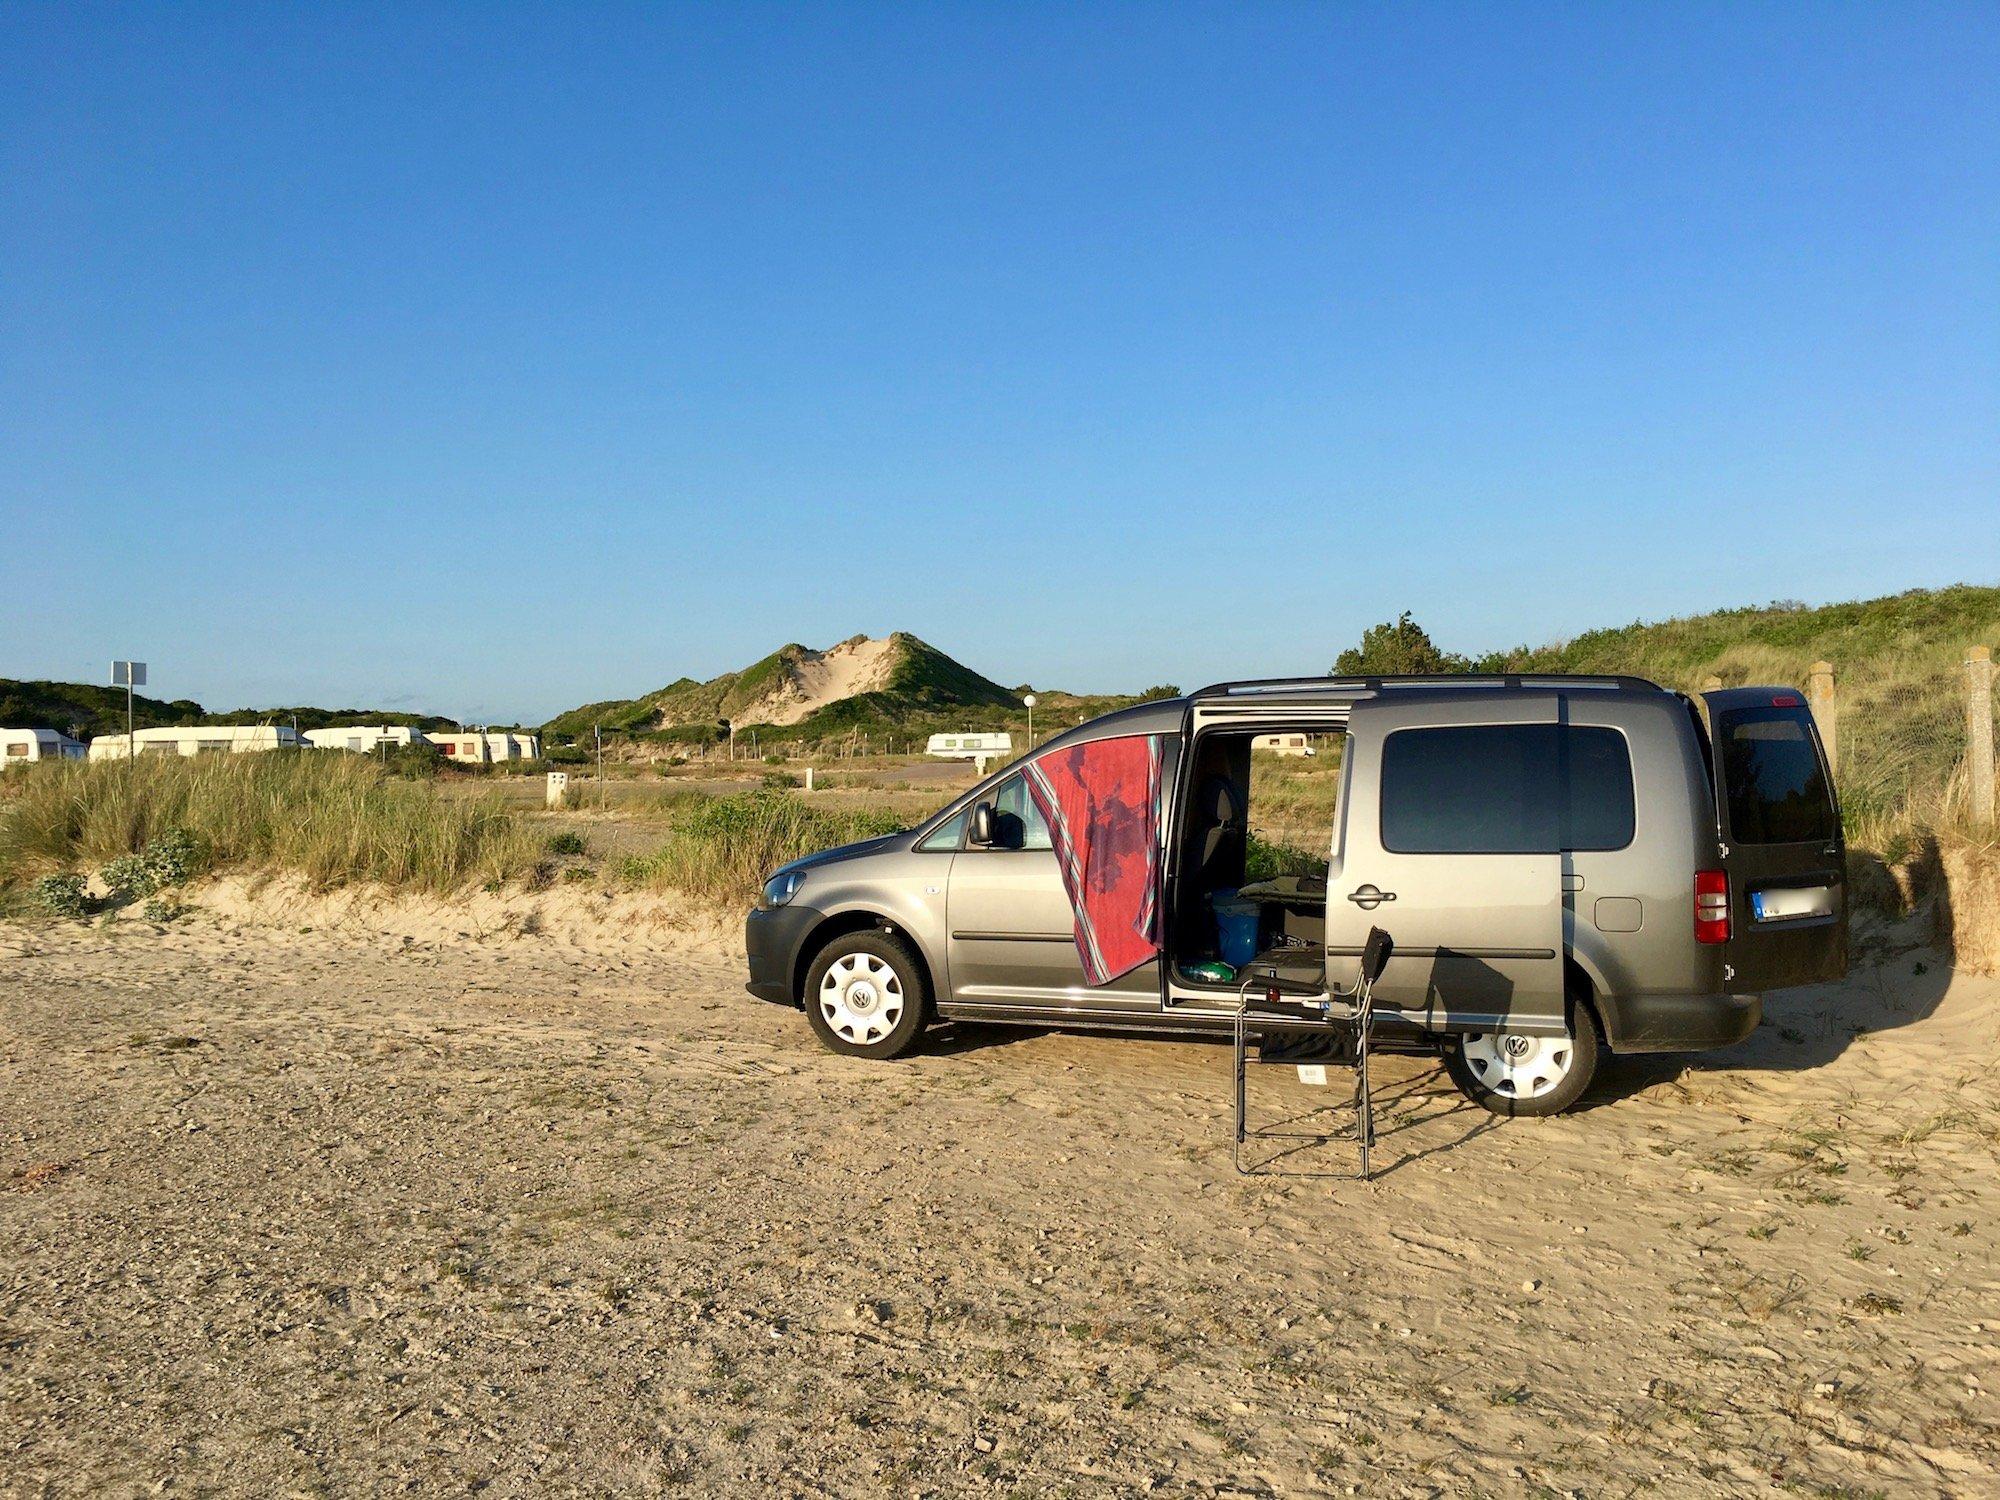 Spartanisch, aber gemütlich: Der Camping-Caddy im Einsatz.